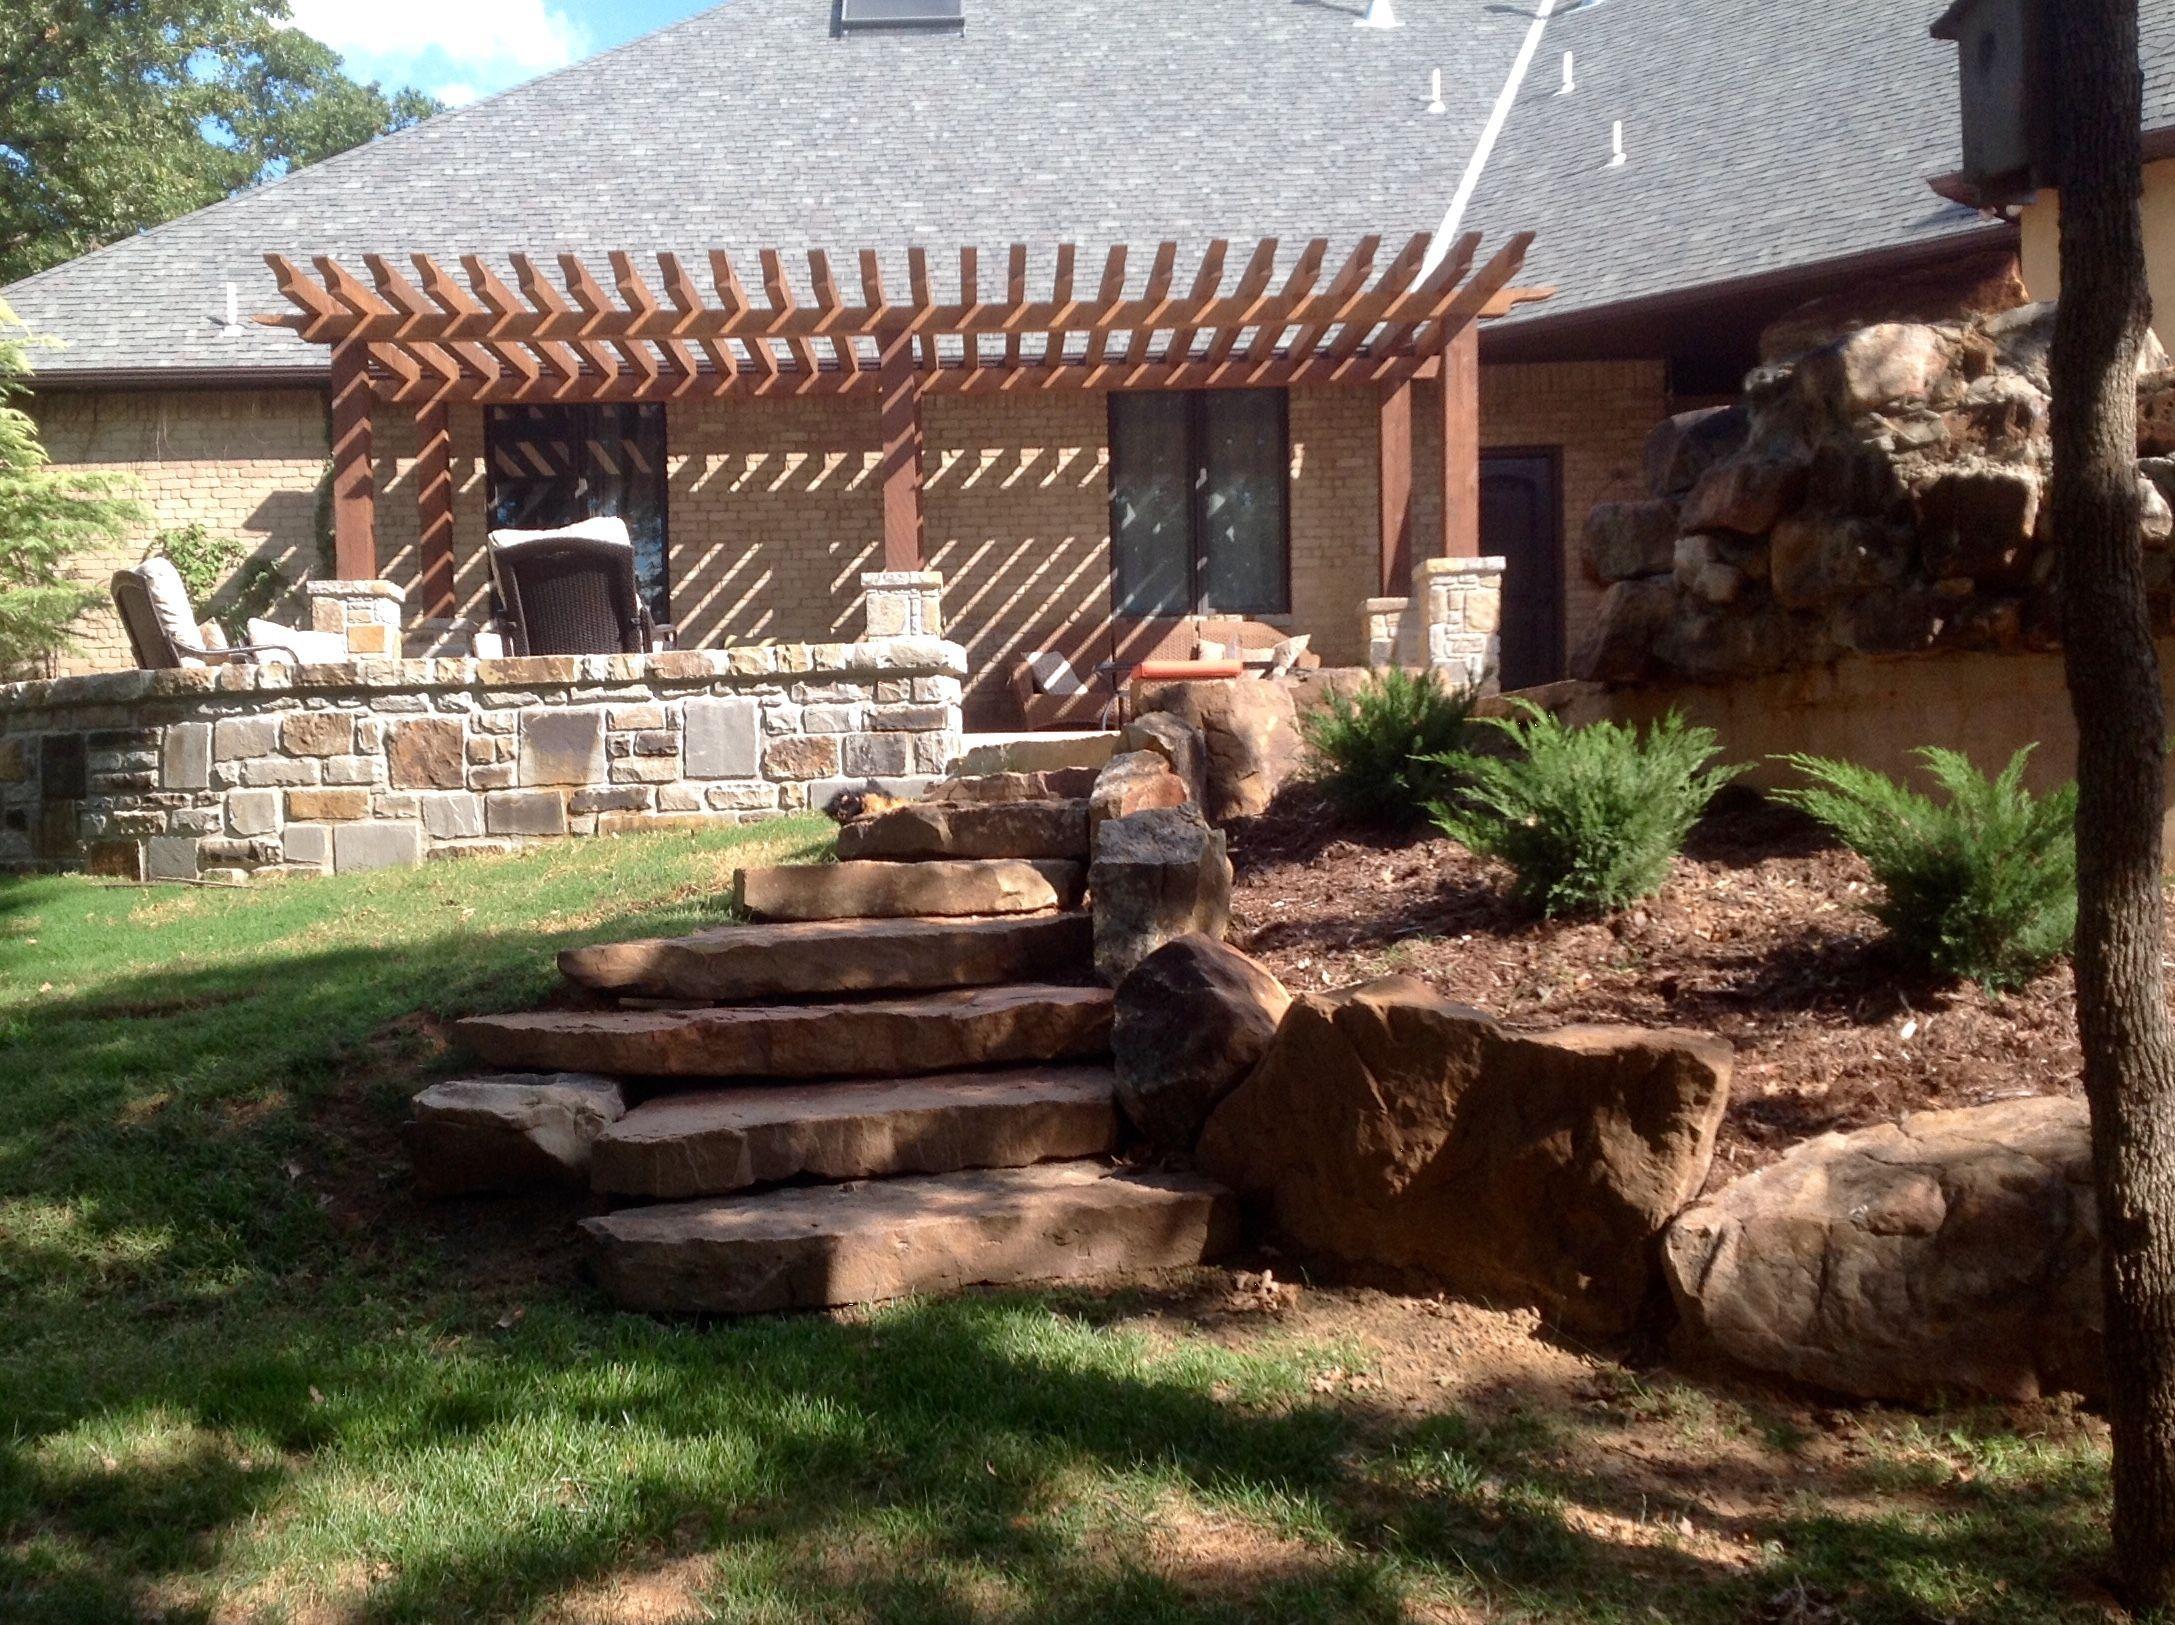 designed by shaun doering landscape designer at tlc garden centers